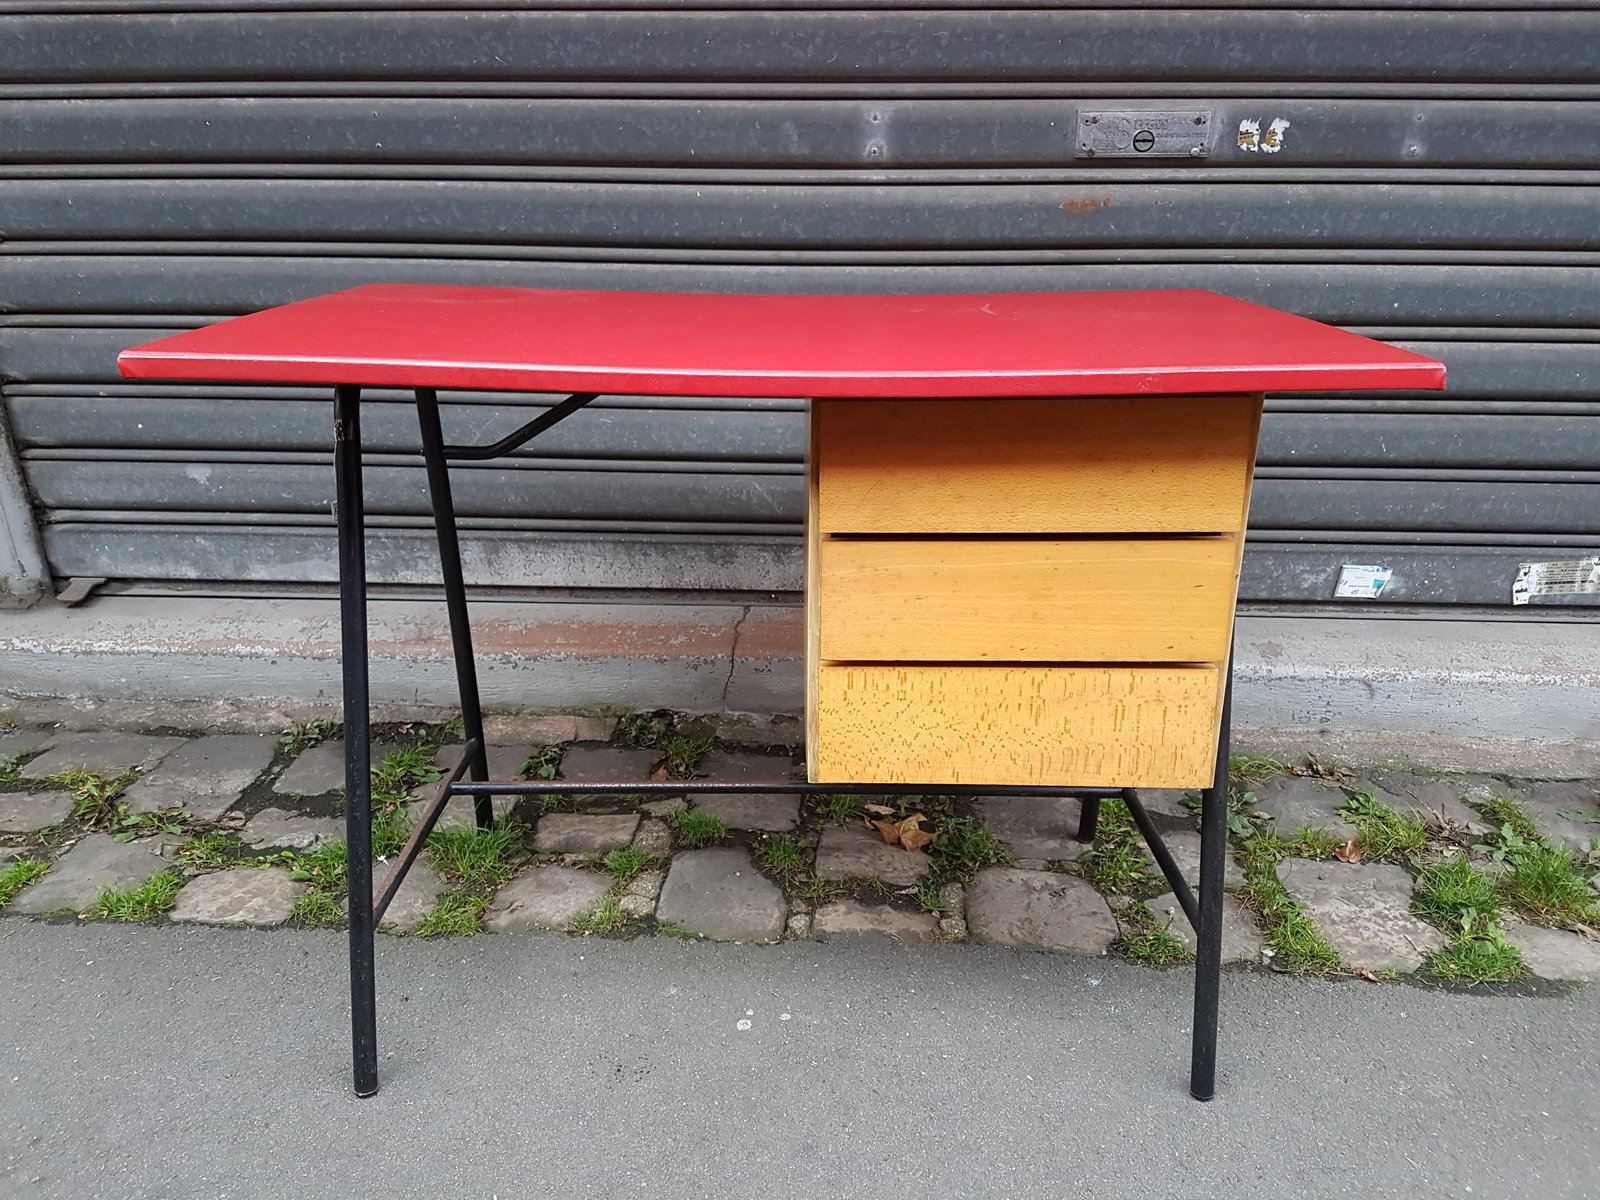 franz sischer schreibtisch mit roter vinyl tischplatte. Black Bedroom Furniture Sets. Home Design Ideas